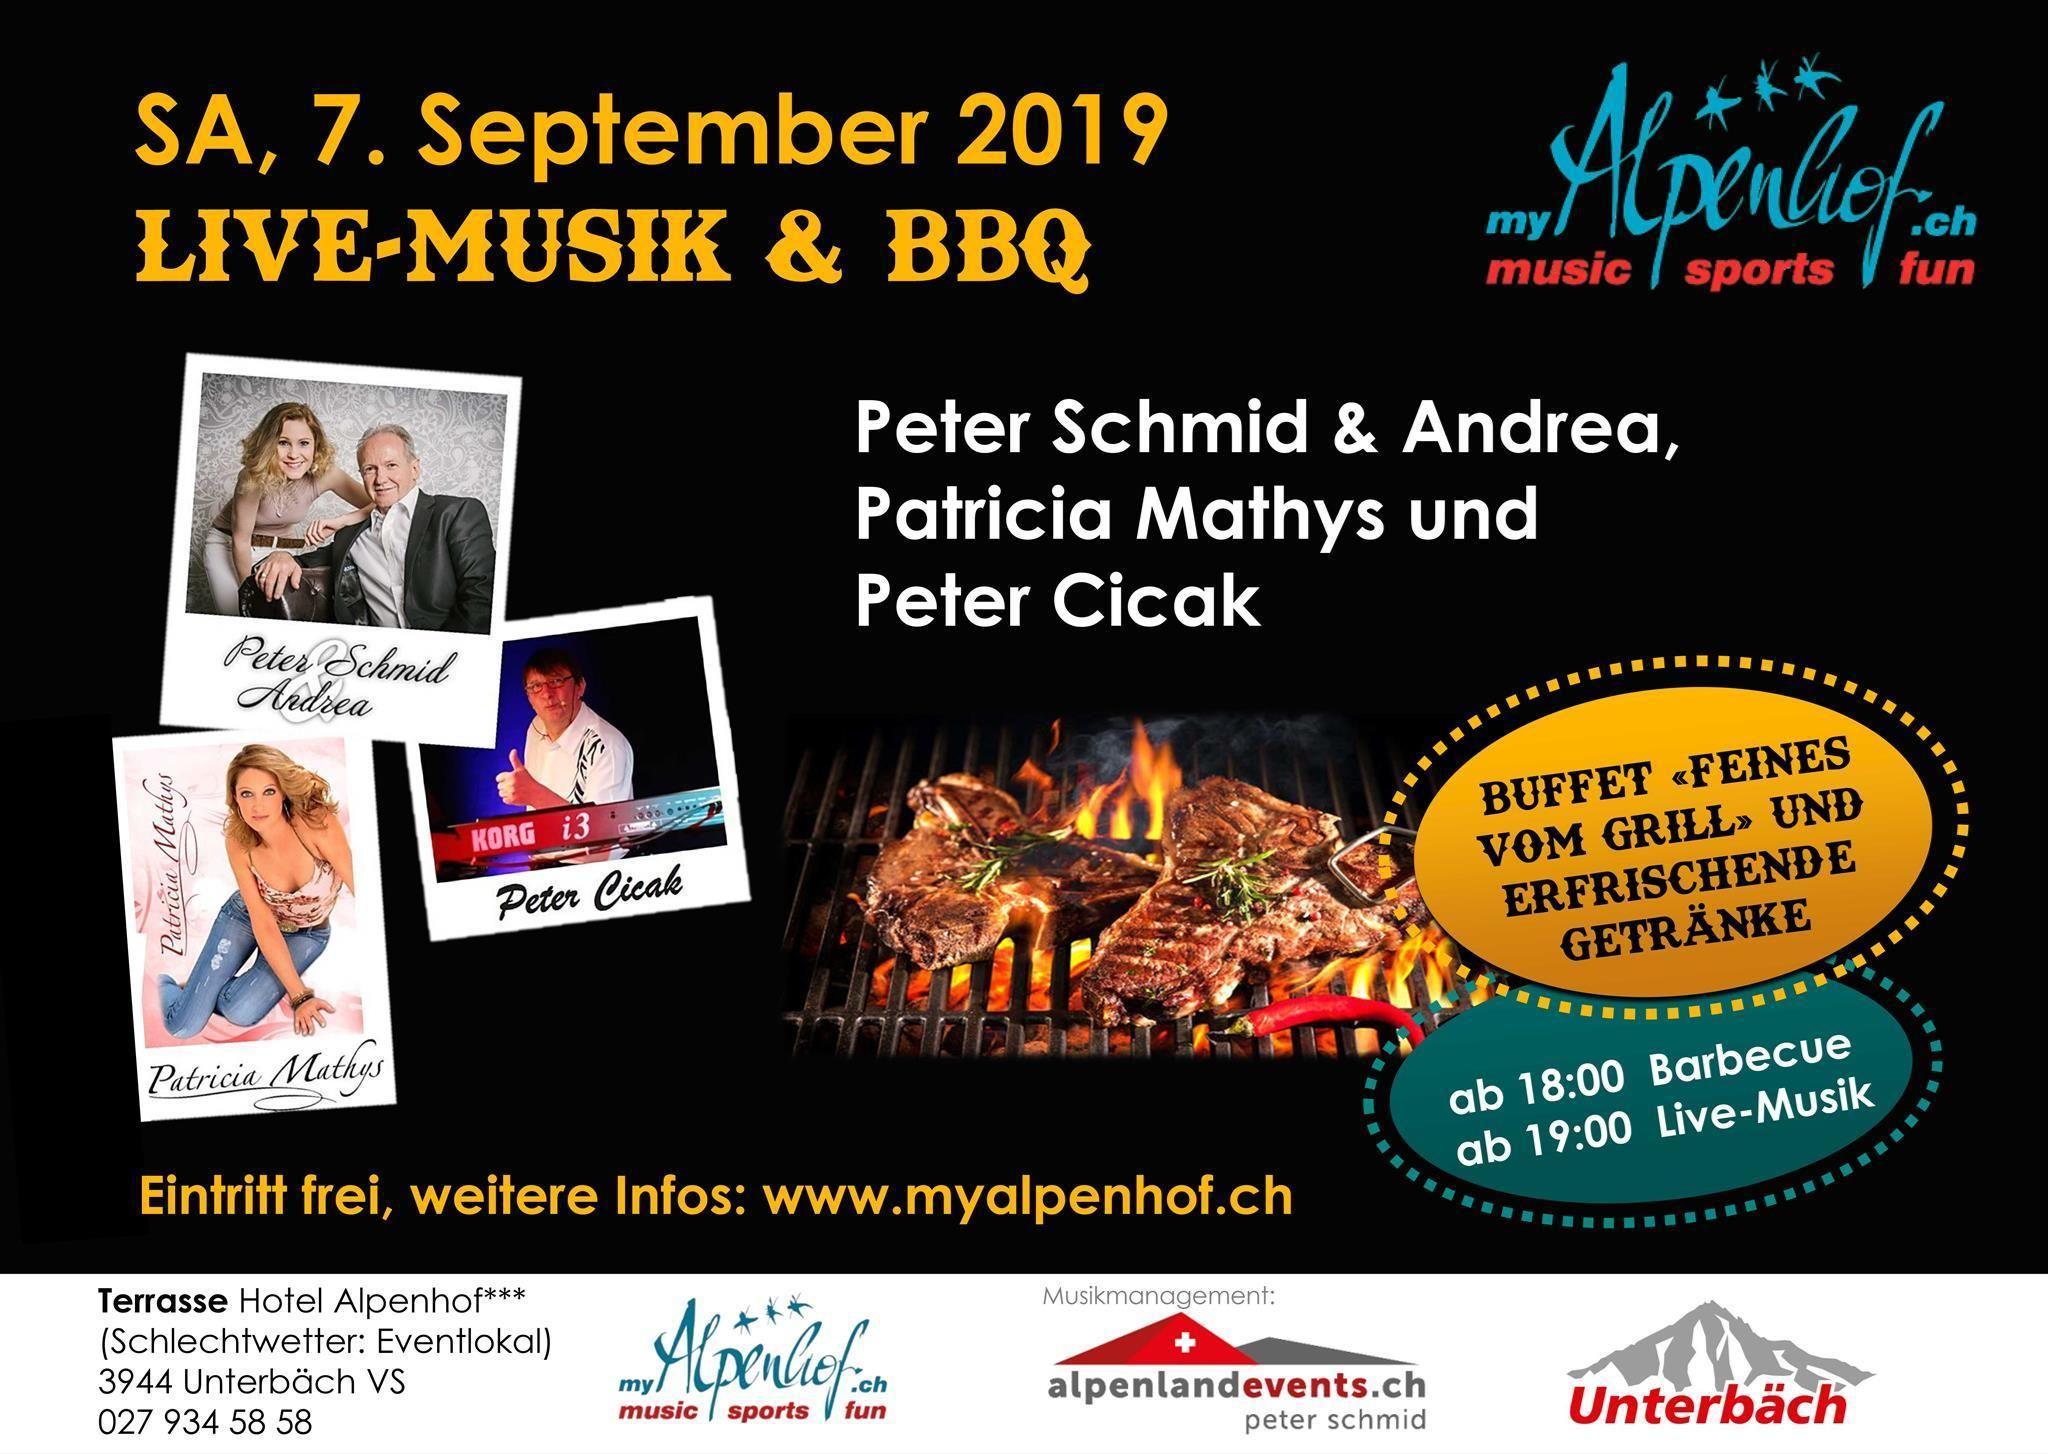 Live Musik & BBQ Peter Schmid